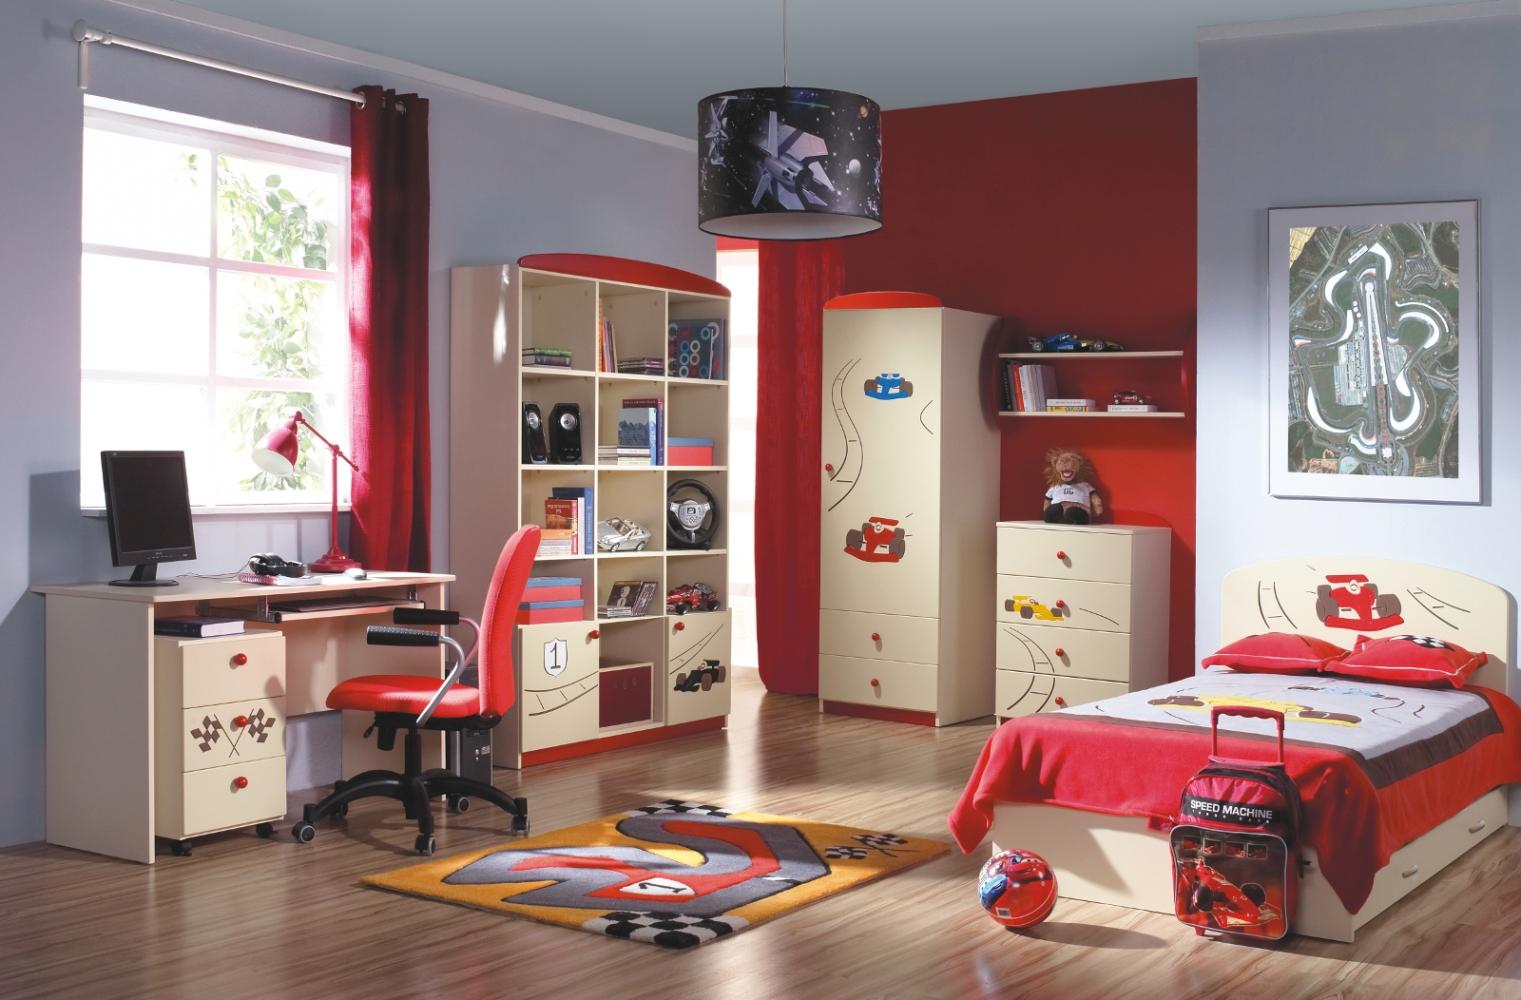 Красно-бежевая мебель в комнате мальчика